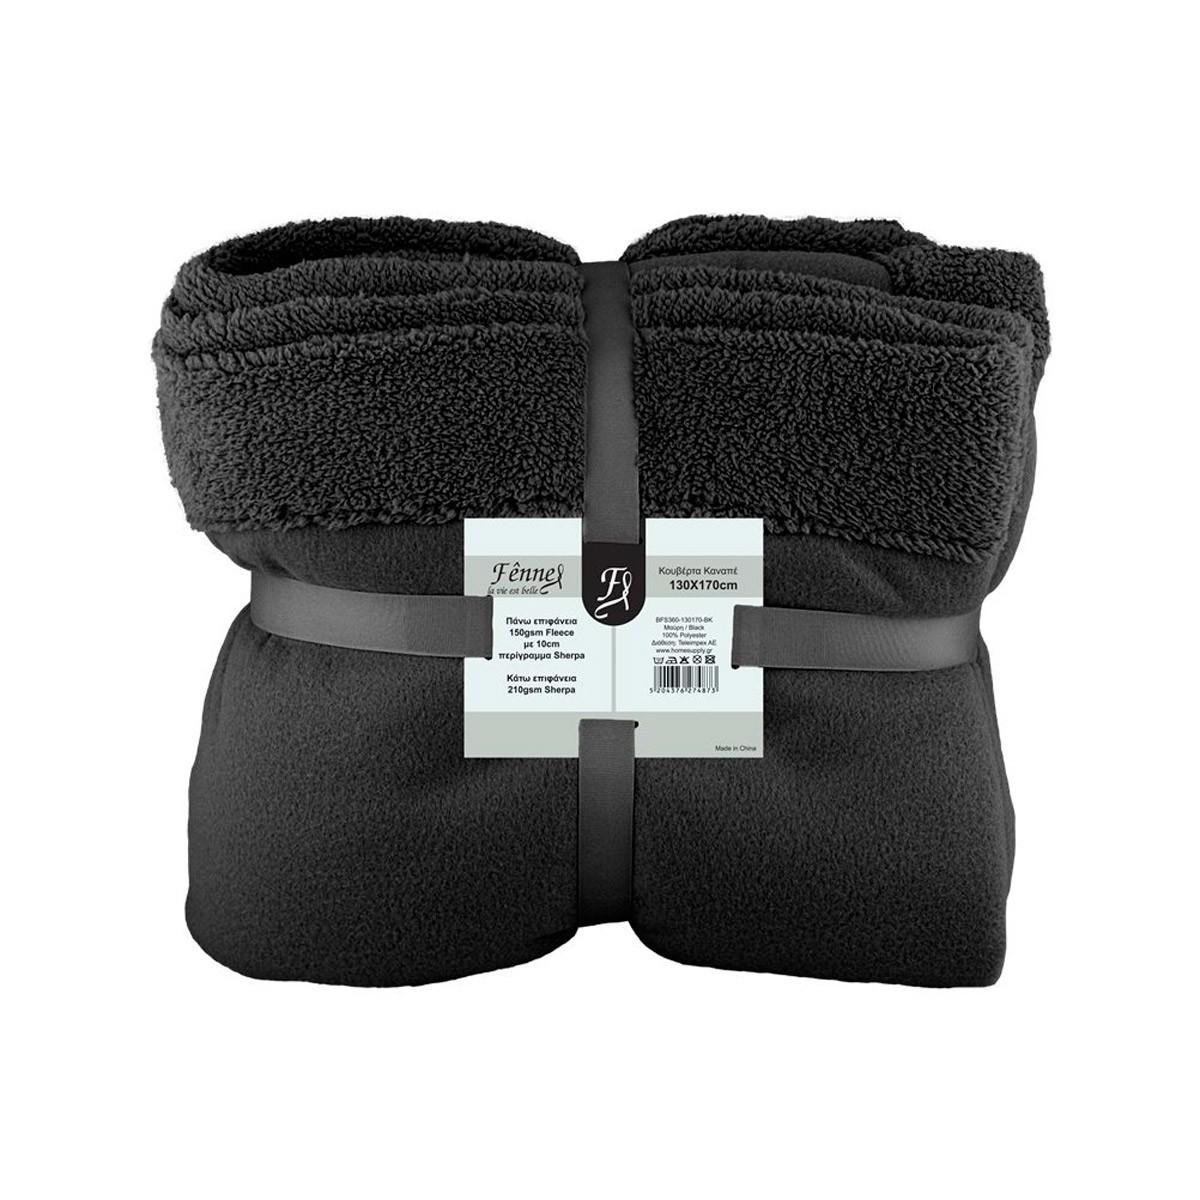 Κουβέρτα Καναπέ Fennel BFS360 Black 85442